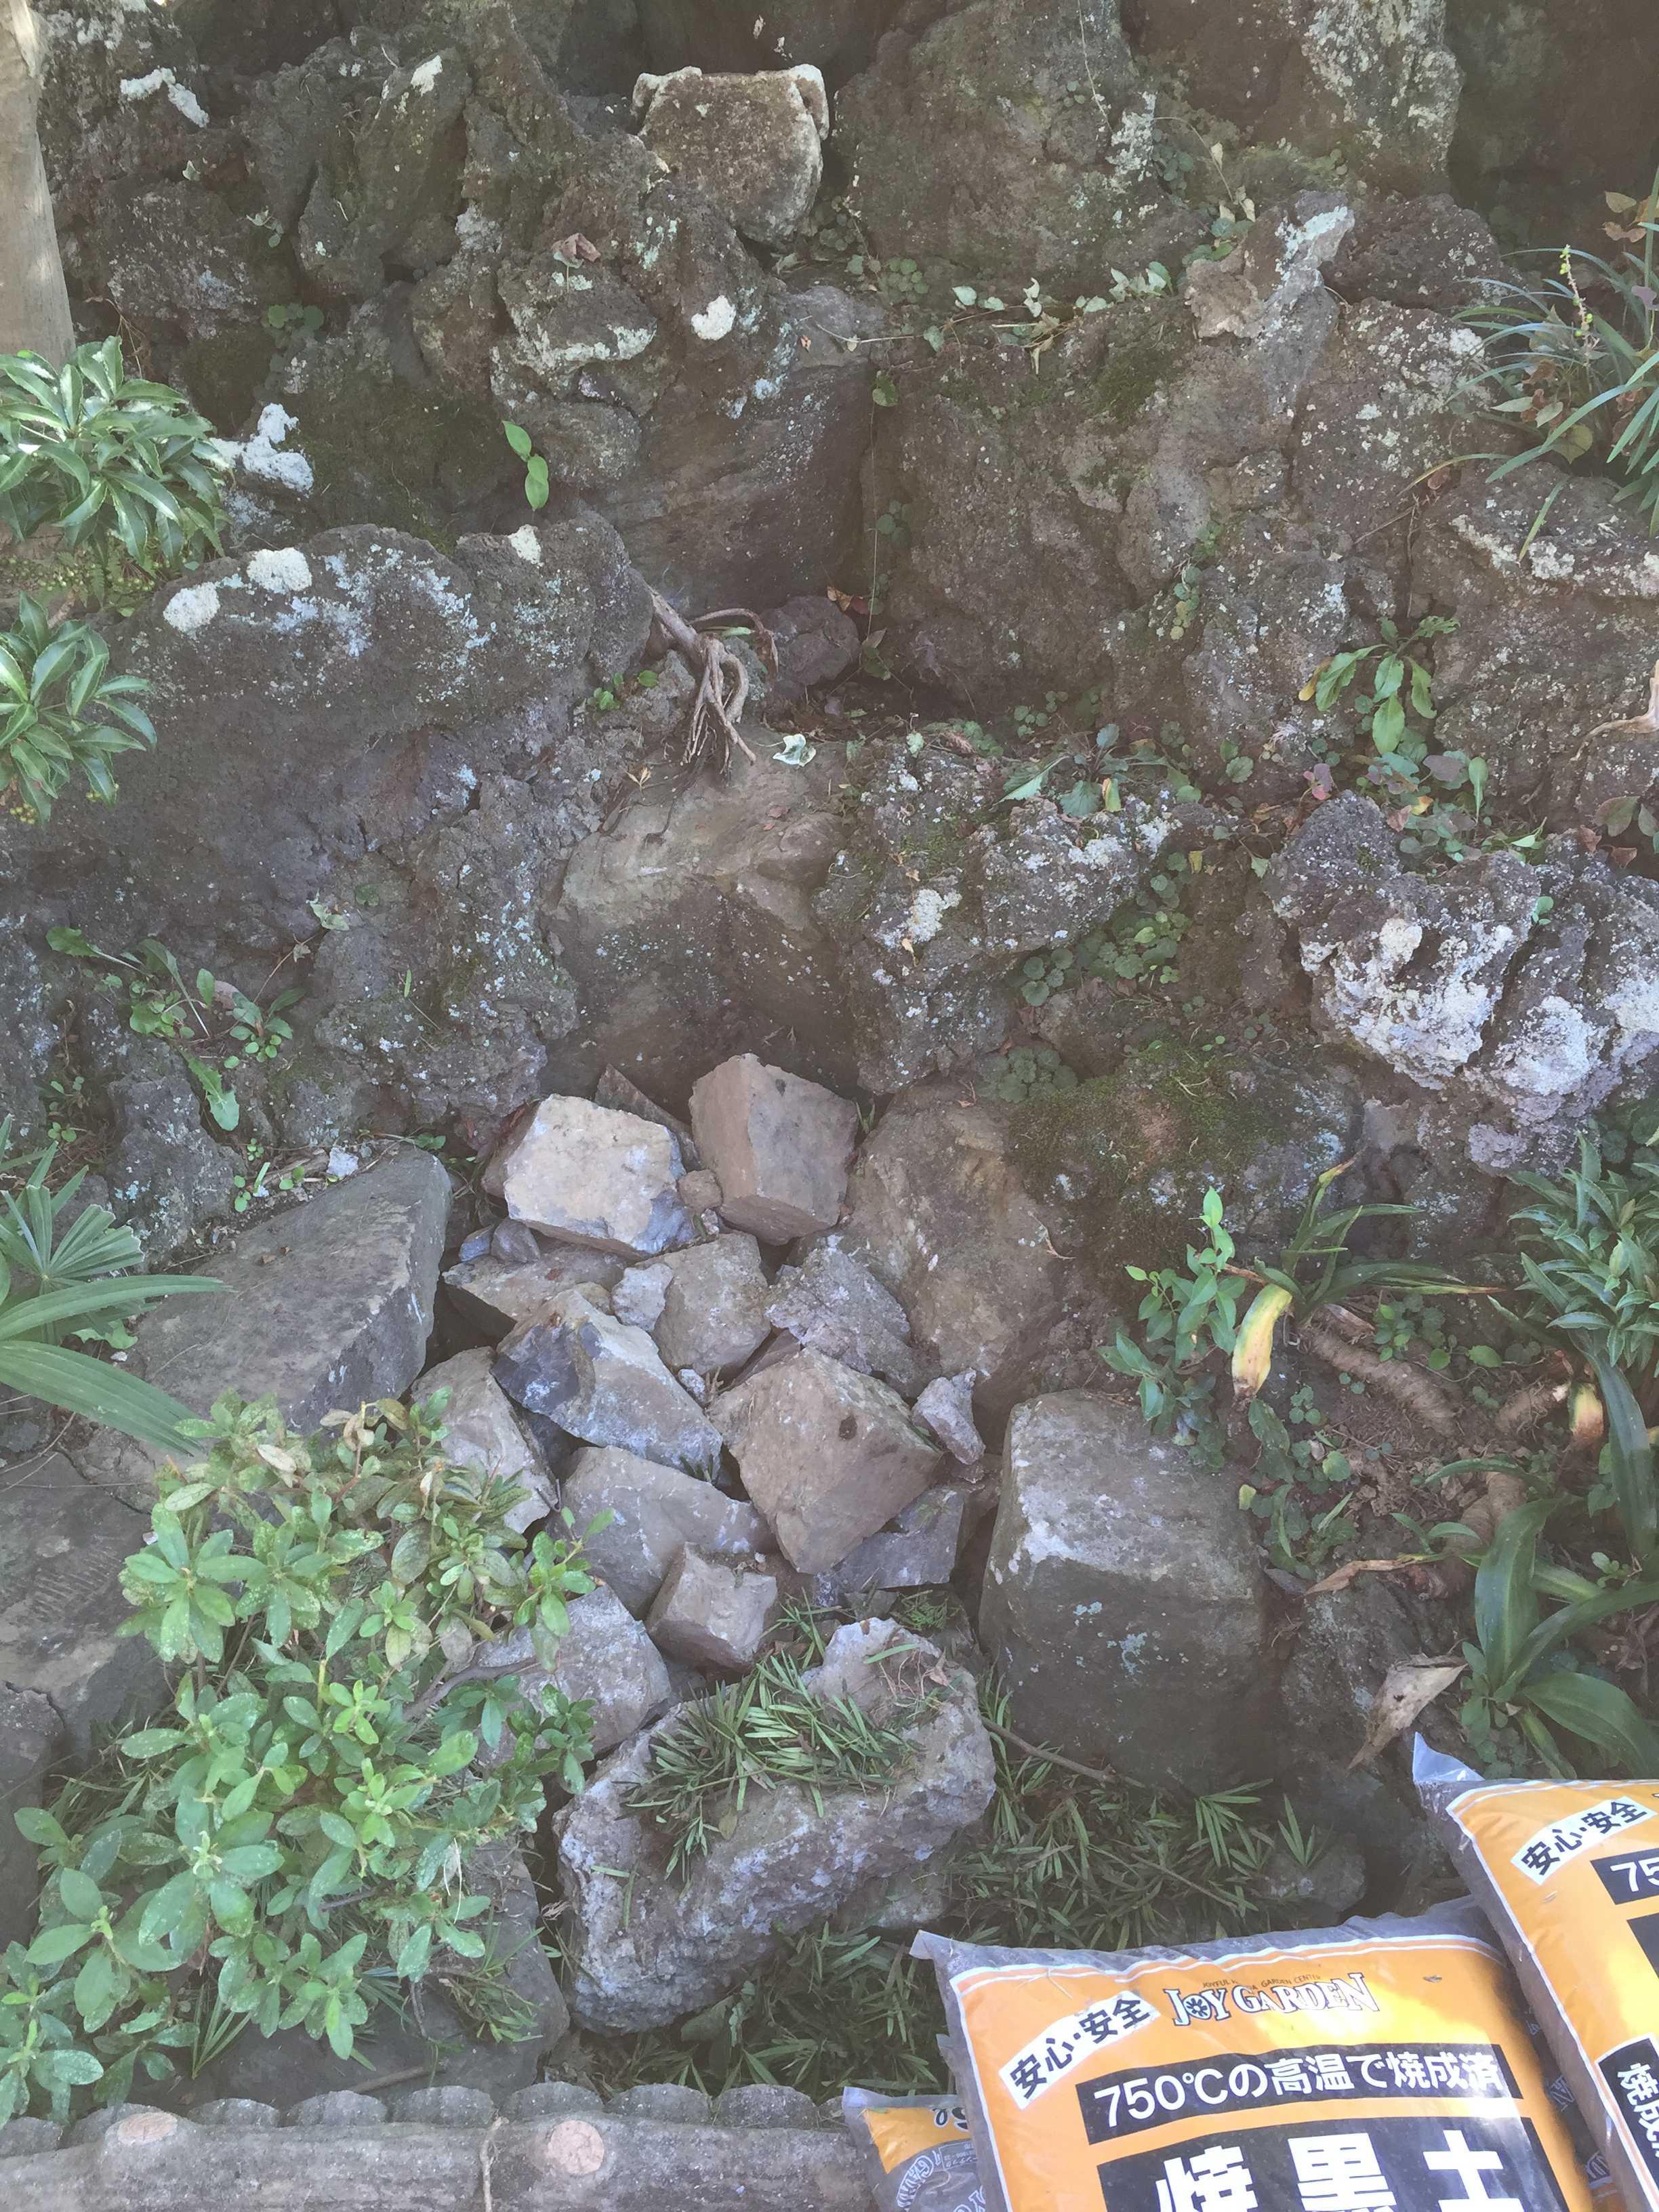 ヤマユリの球根植え付け場所 - 岩壁、岩場